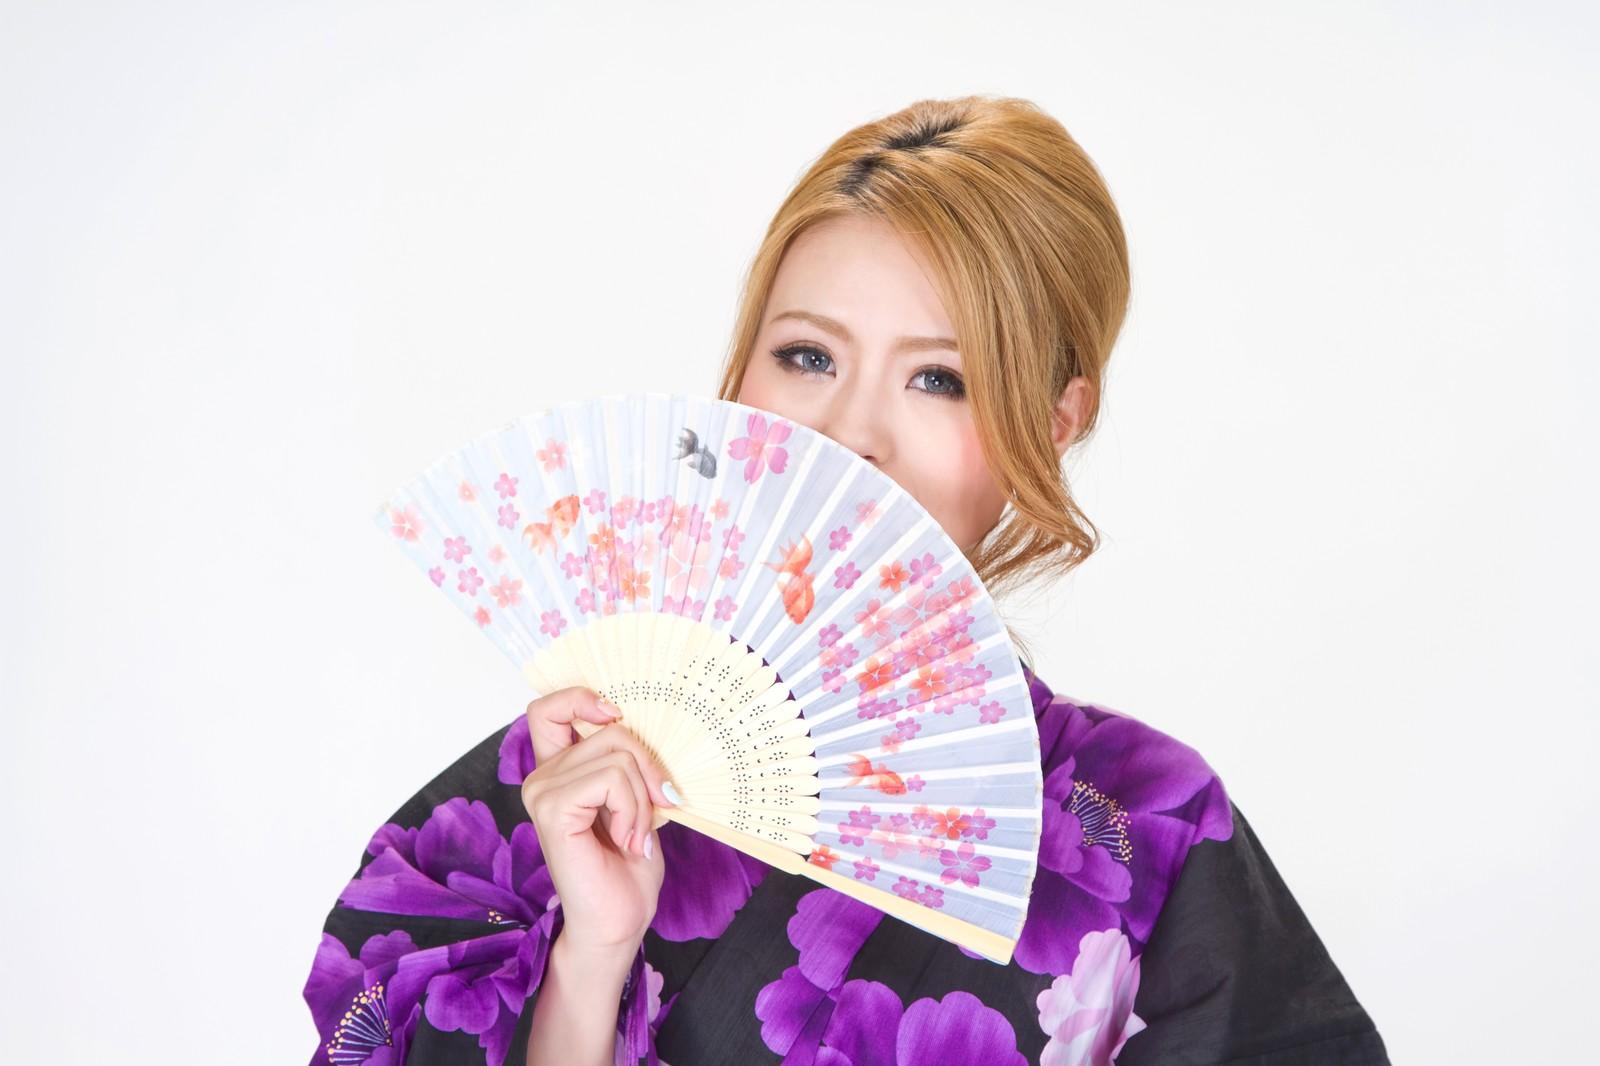 古畑星夏 コードブルー 妊婦役 画像